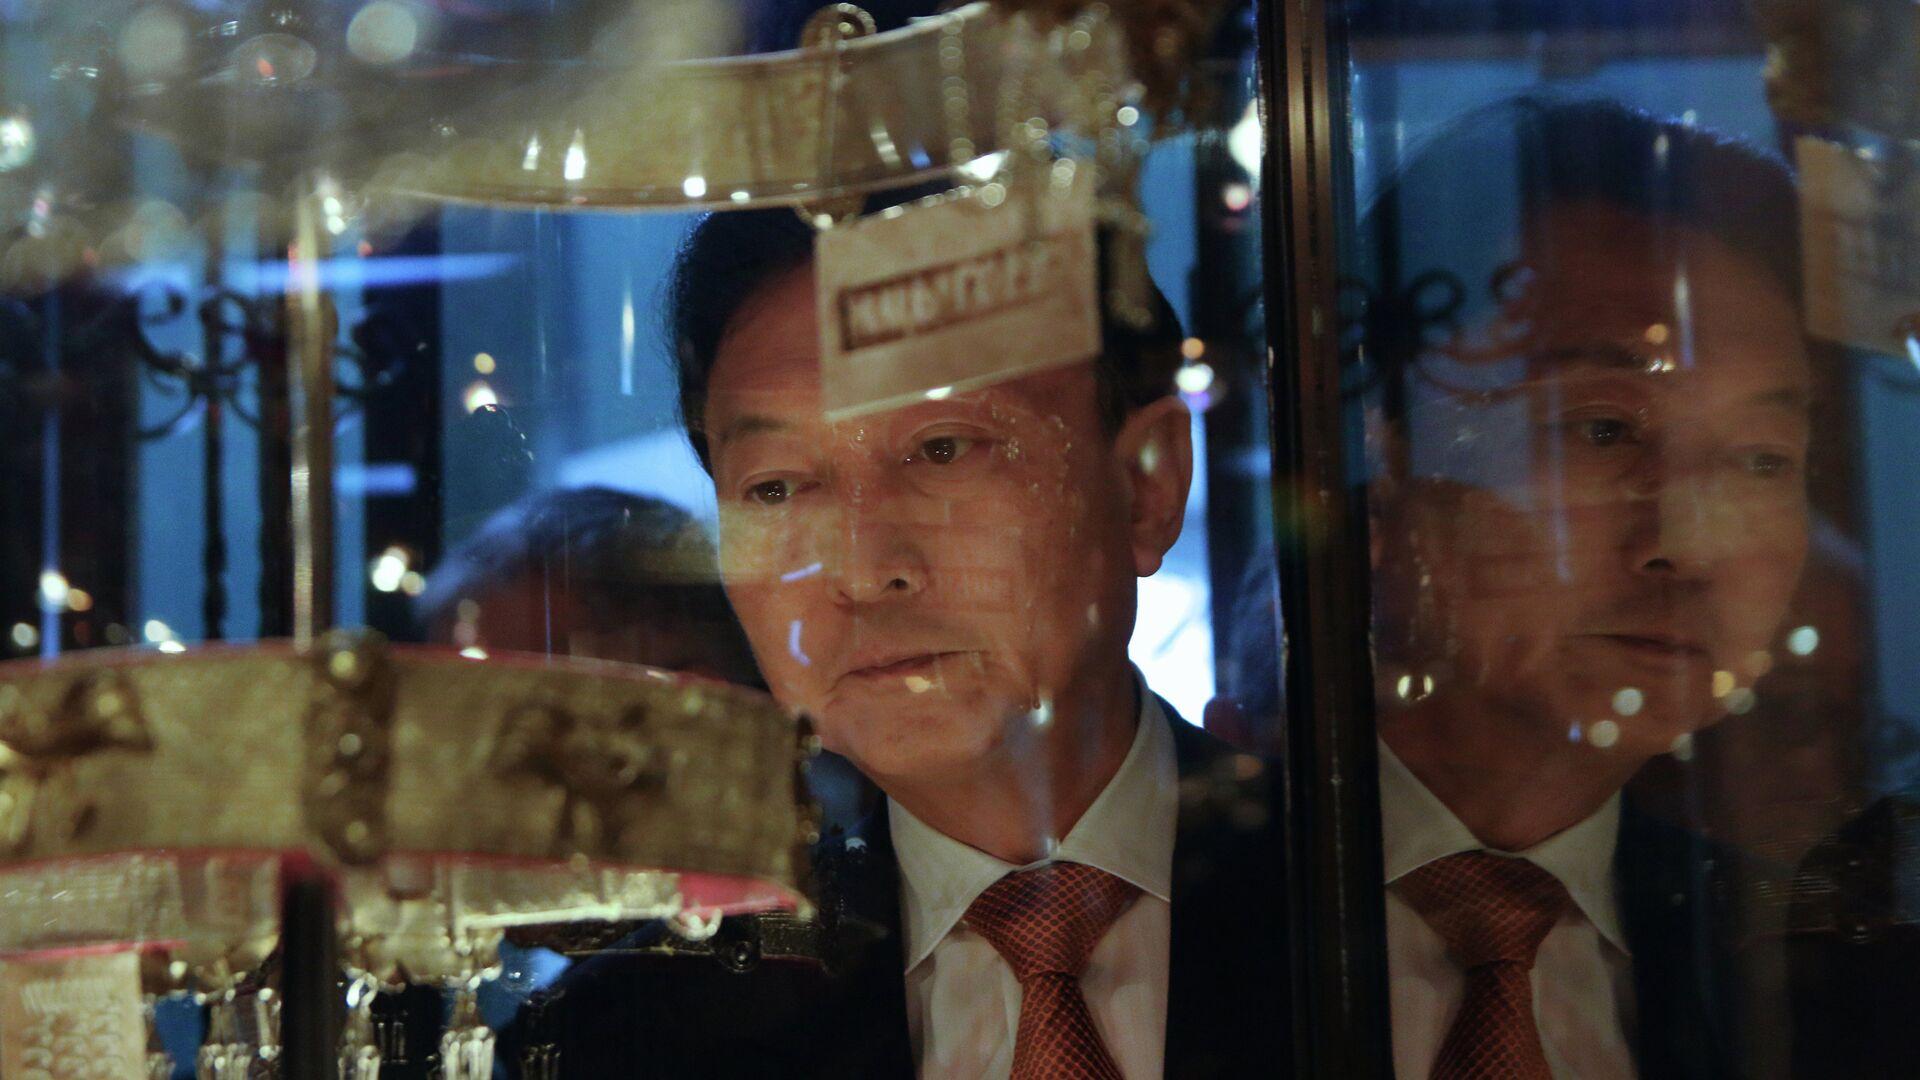 Бывший премьер-министр Японии Юкио Хатояма осматривает экспозицию Крымского этнографического музея в Симферополе - РИА Новости, 1920, 21.04.2021